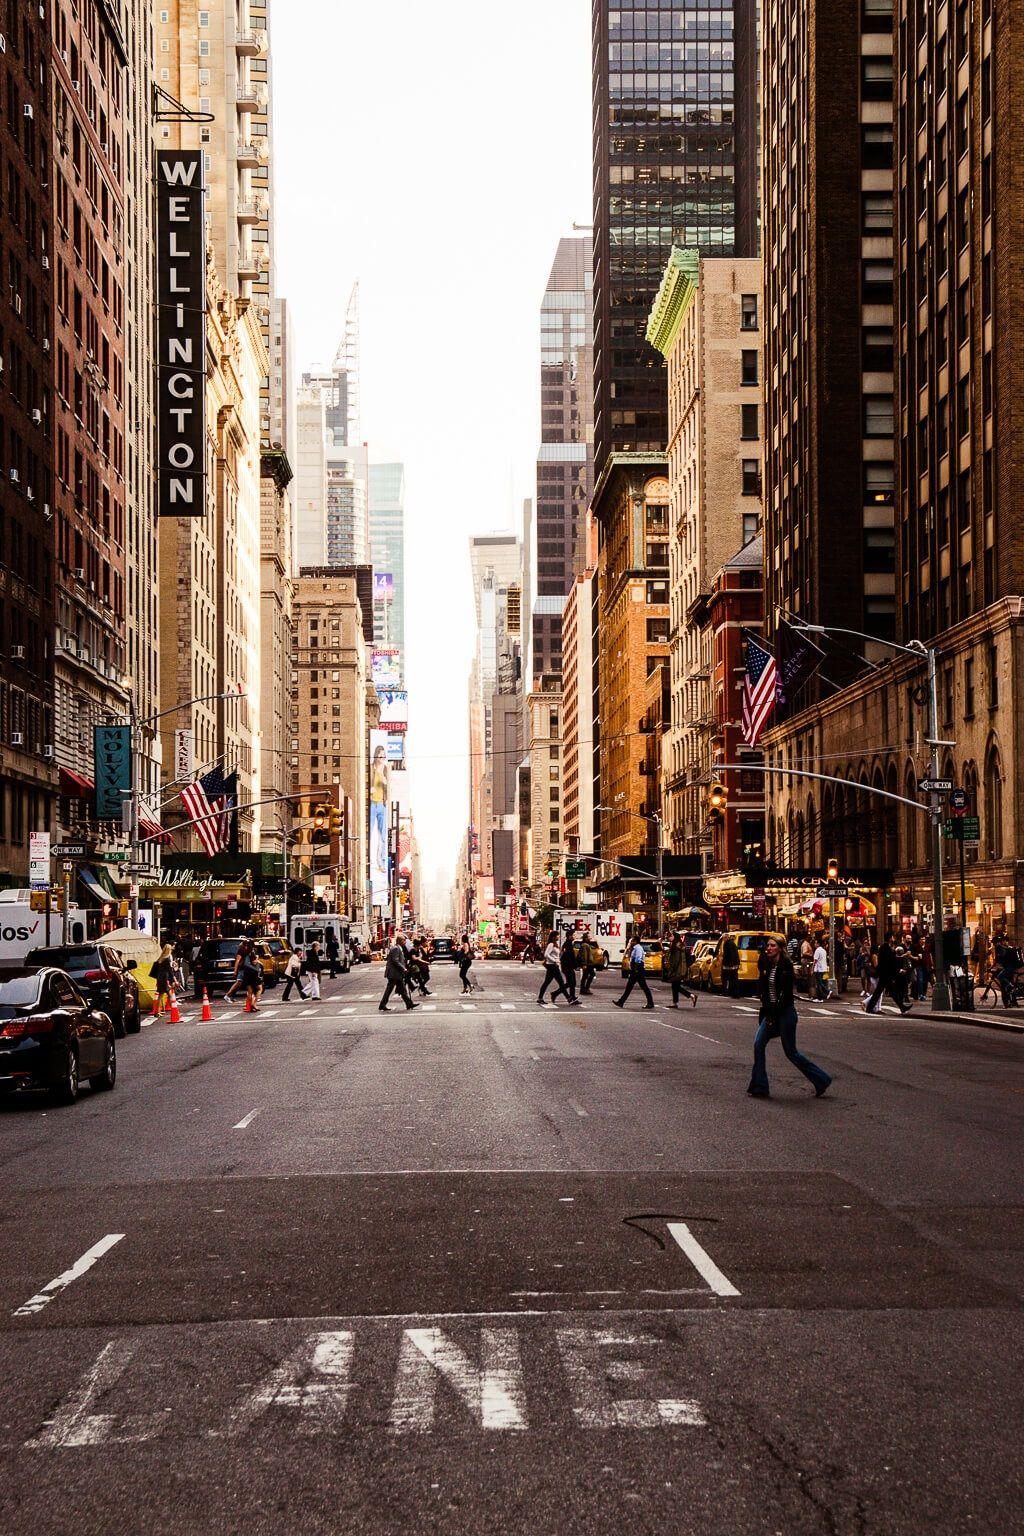 Eine Woche in New York - der Stadt die niemals sch